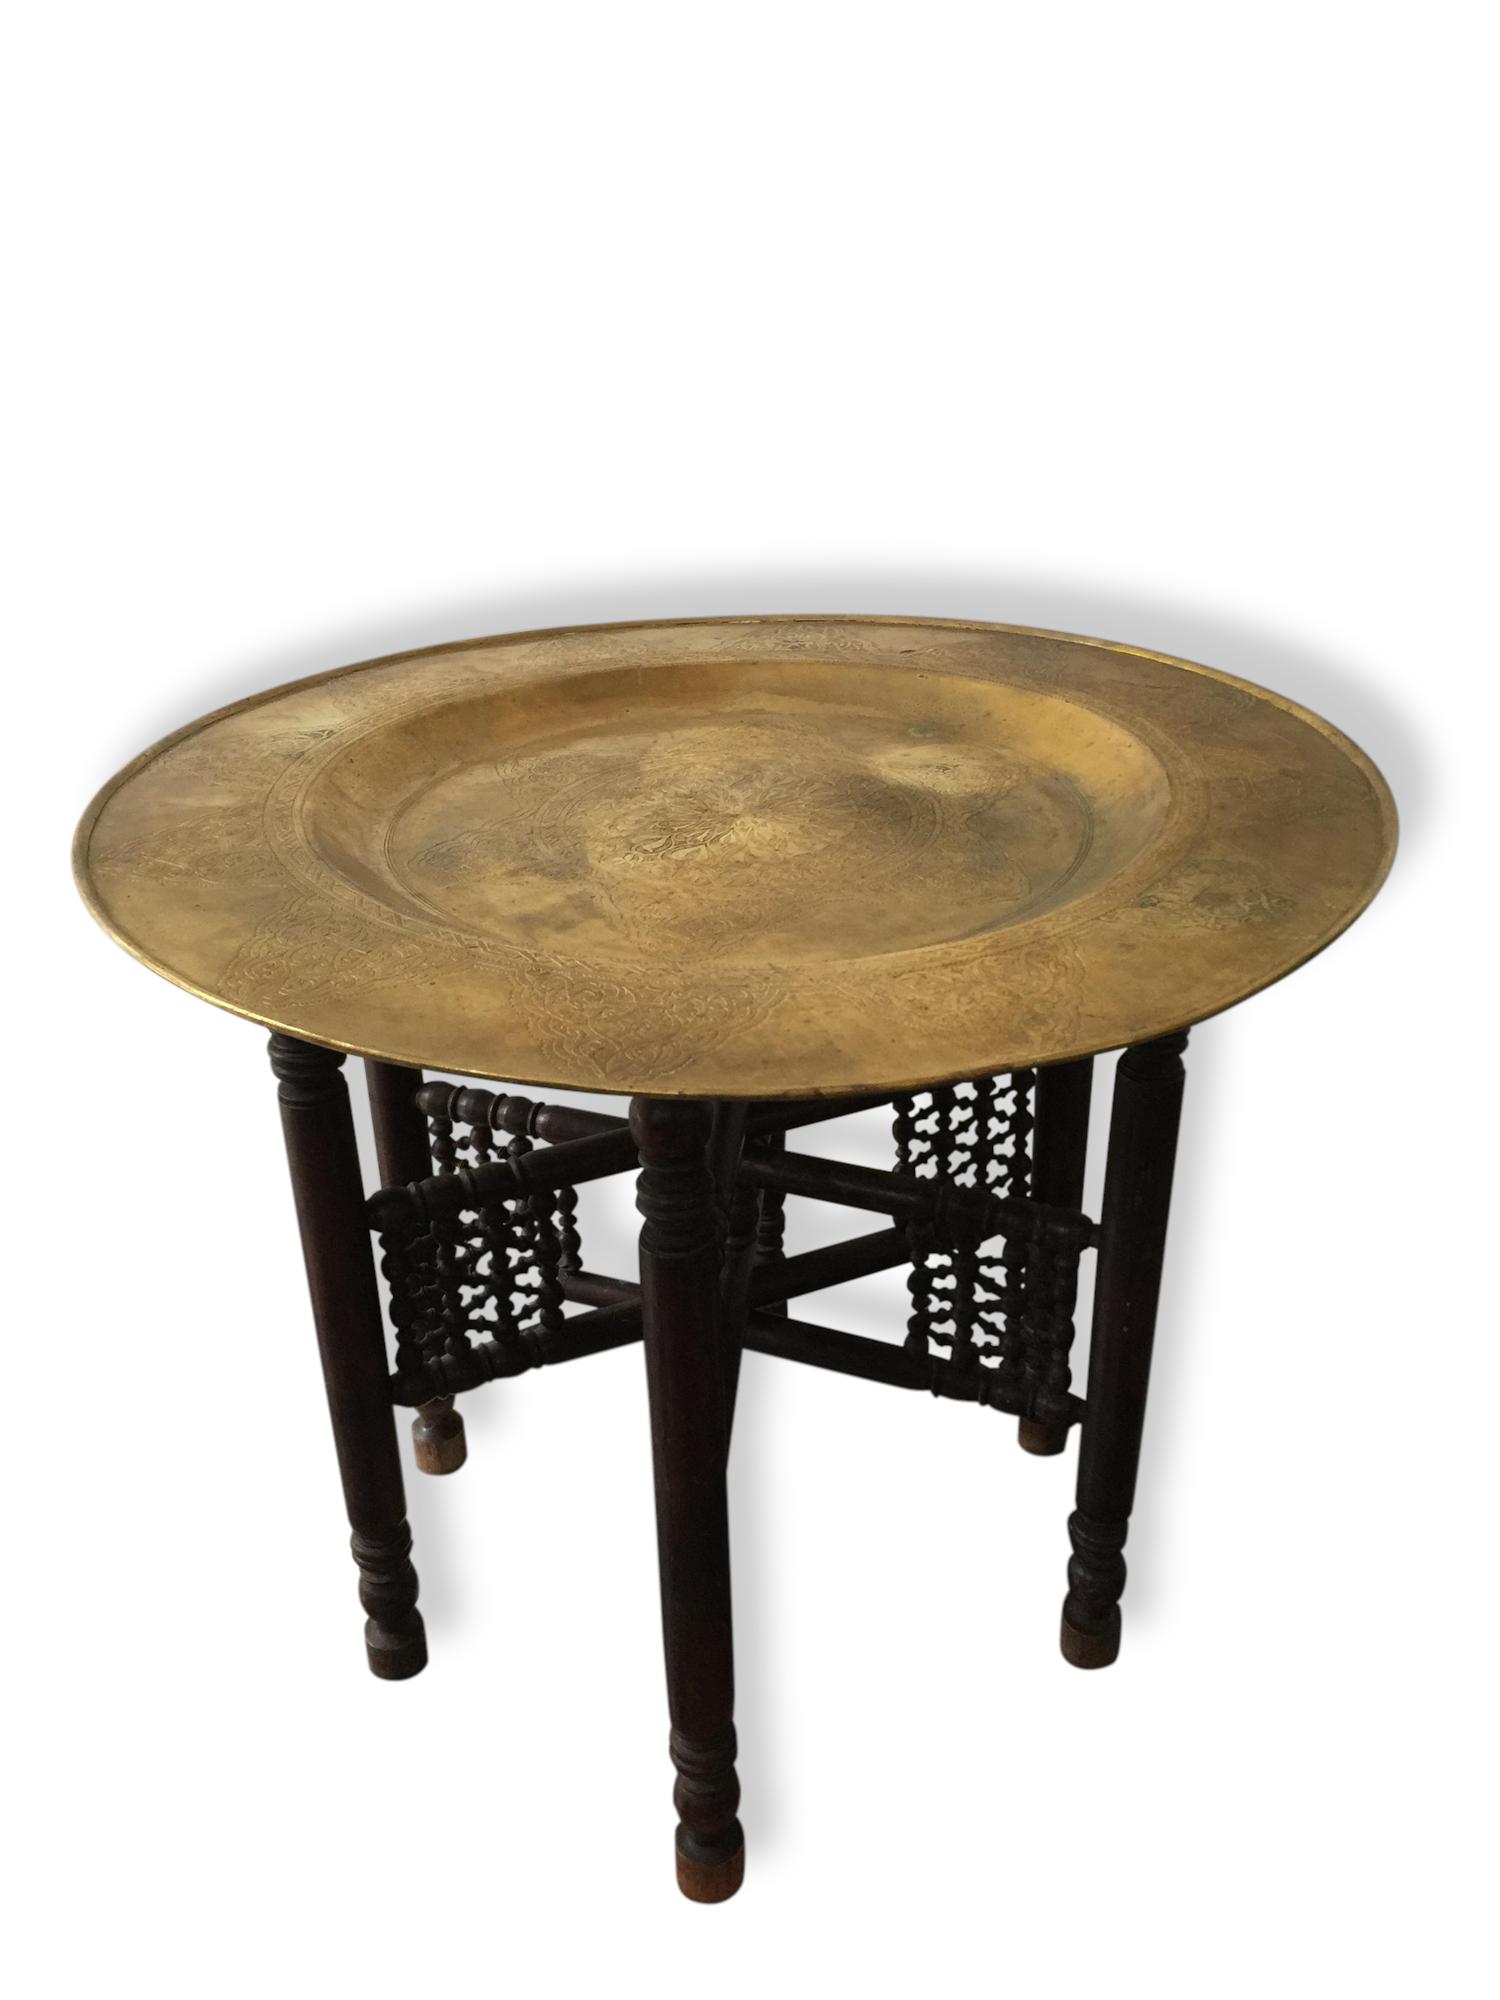 table basse plateau marocain laiton sur trépied bois moucharabieh